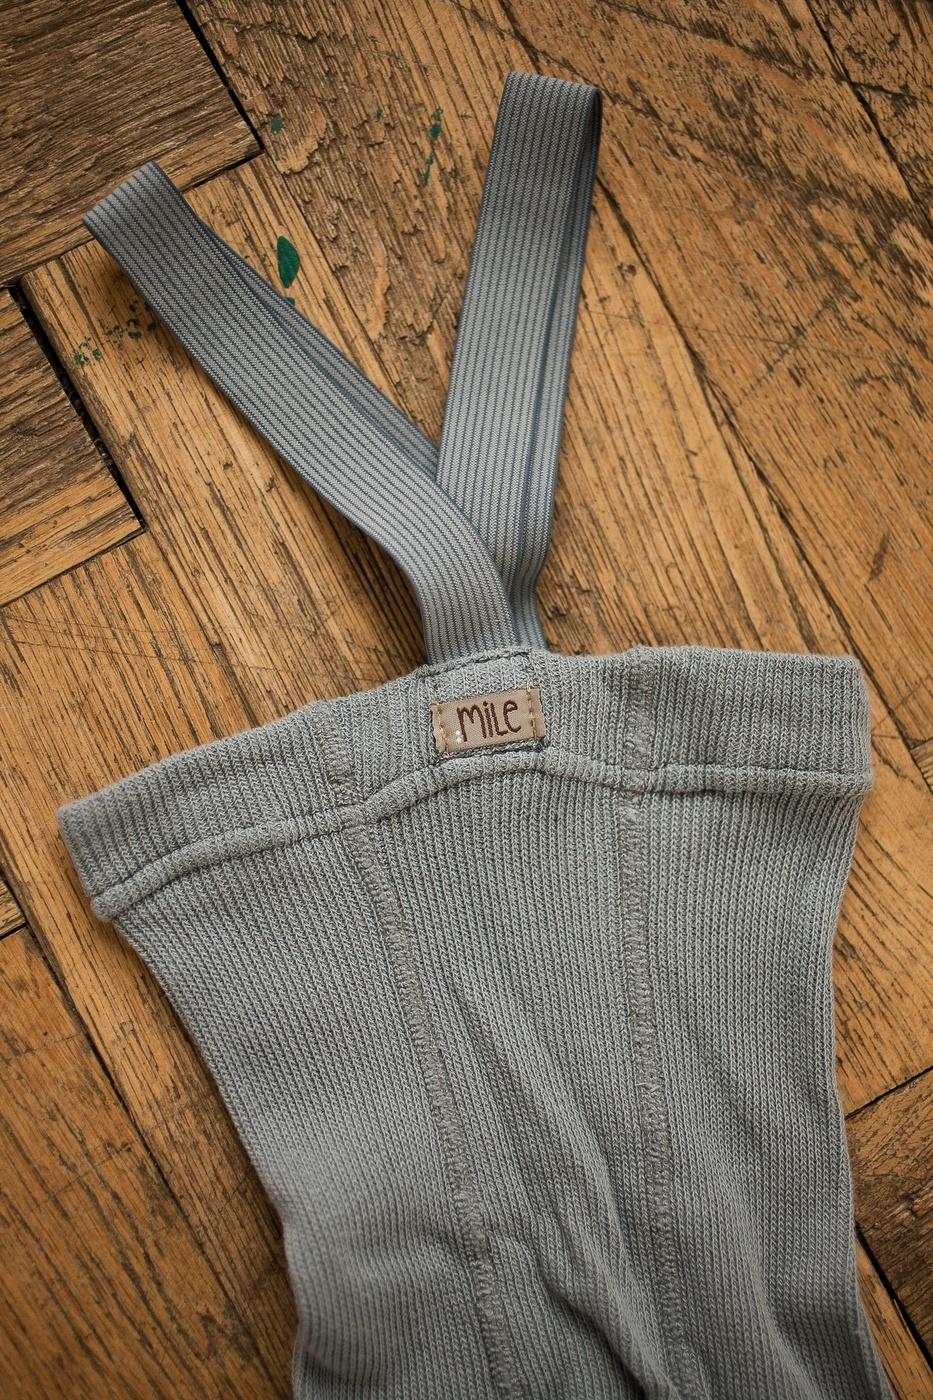 maillot met bretels - licht grijs-2